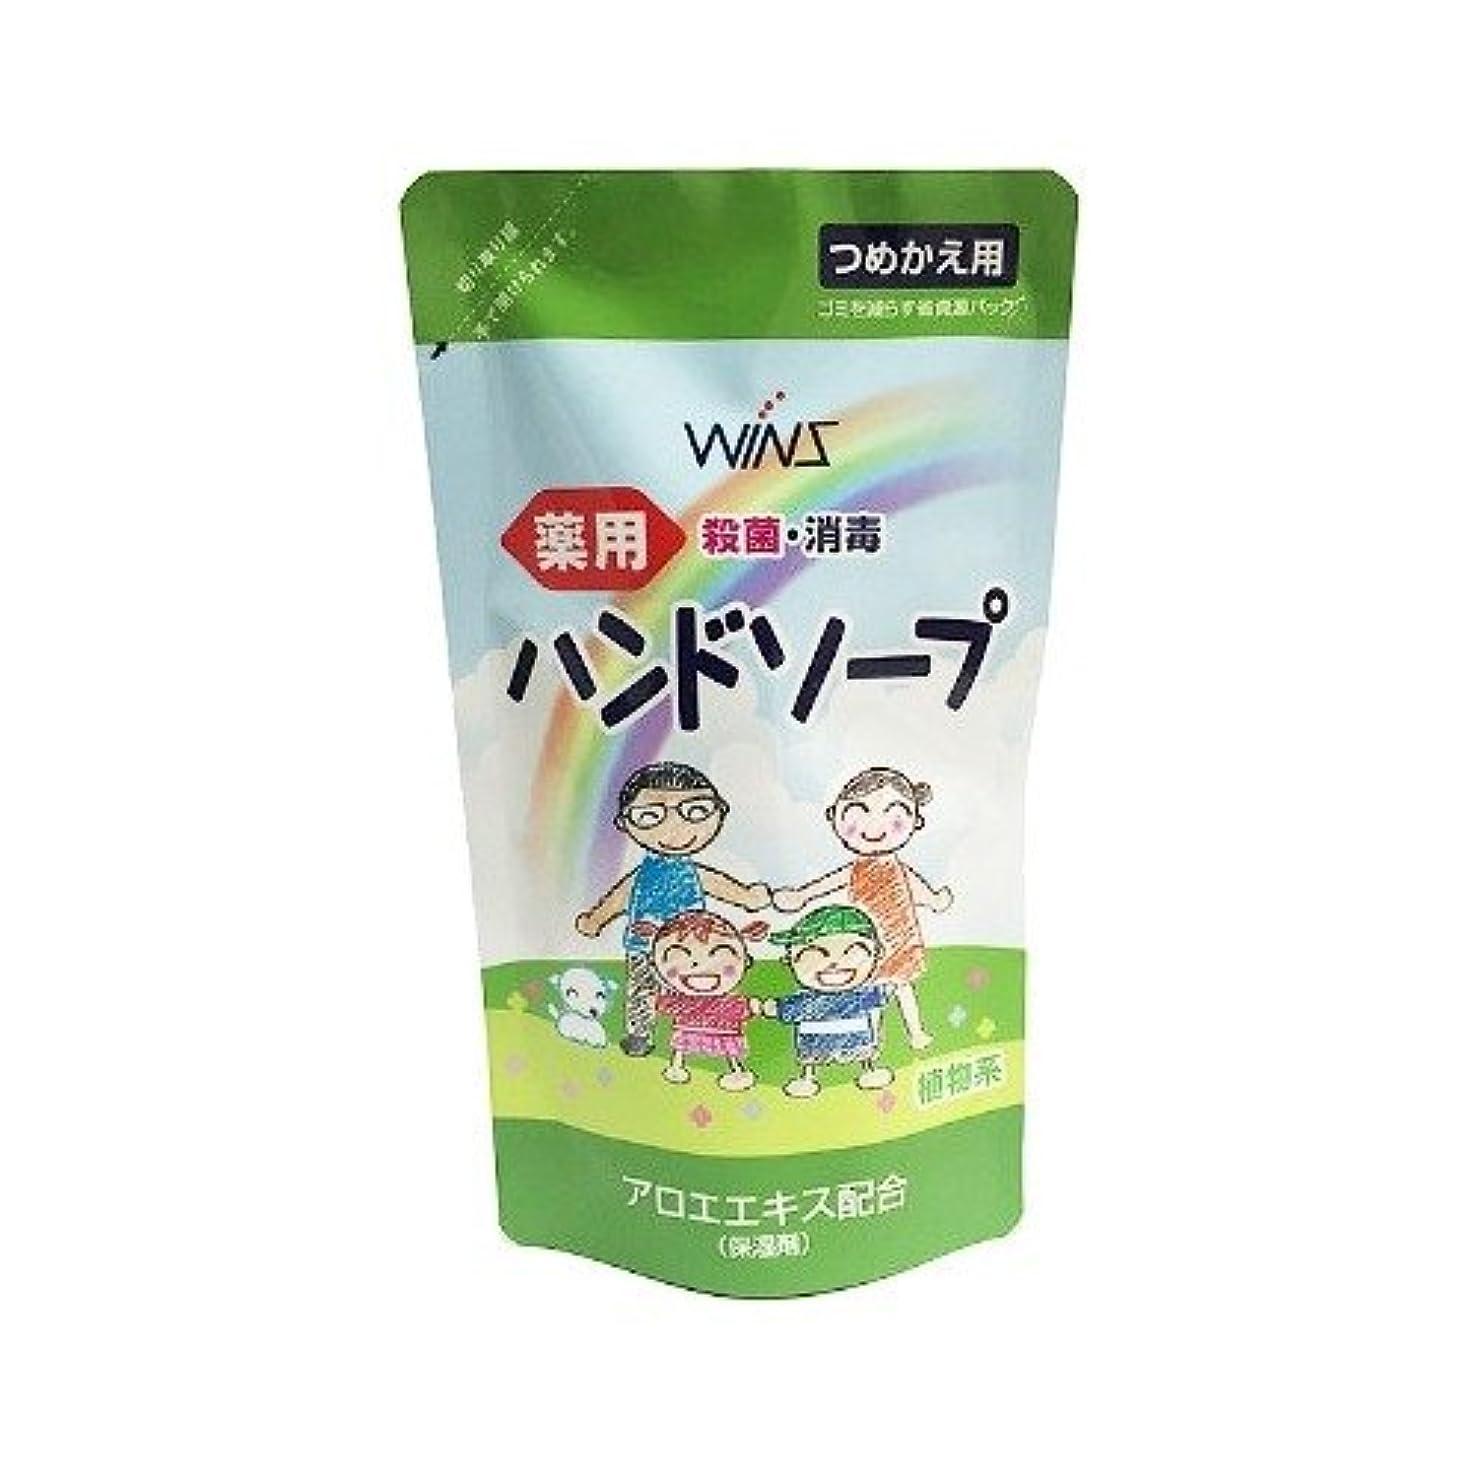 刈り取る真夜中忘れられないウインズ 薬用ハンドソープ 詰替 200mL 日本合成洗剤